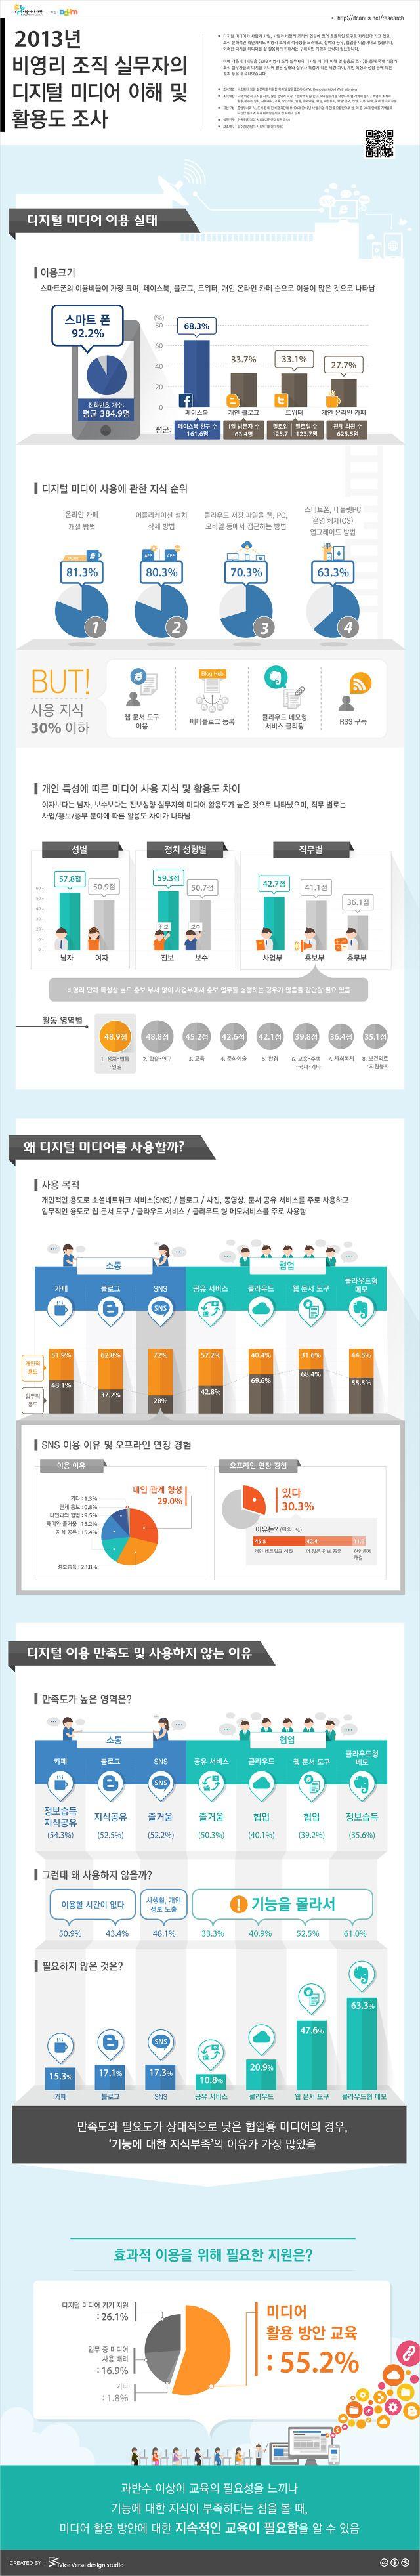 2013 비영리 조직의 디지털 미디어 이용 및 활용도 조사에 관한 인포그래픽